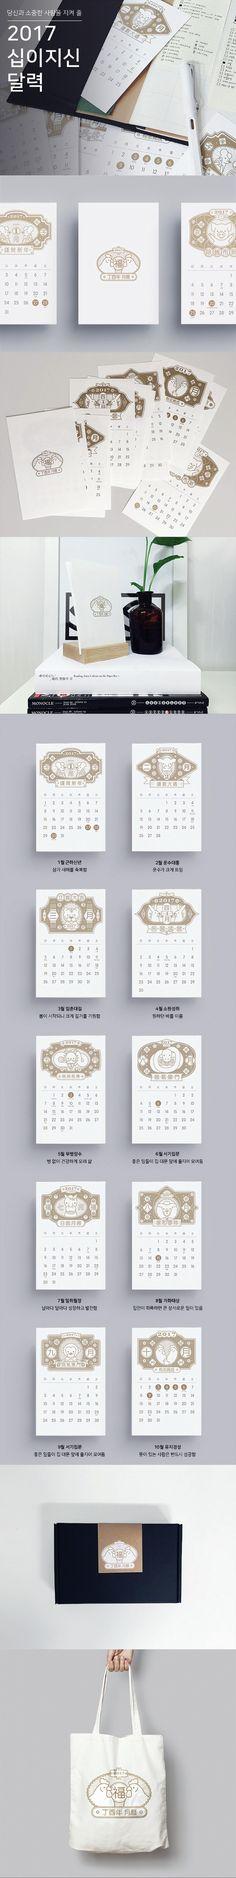 2017 정유년 십이지신 달력 - 그래픽 디자인, 브랜딩/편집